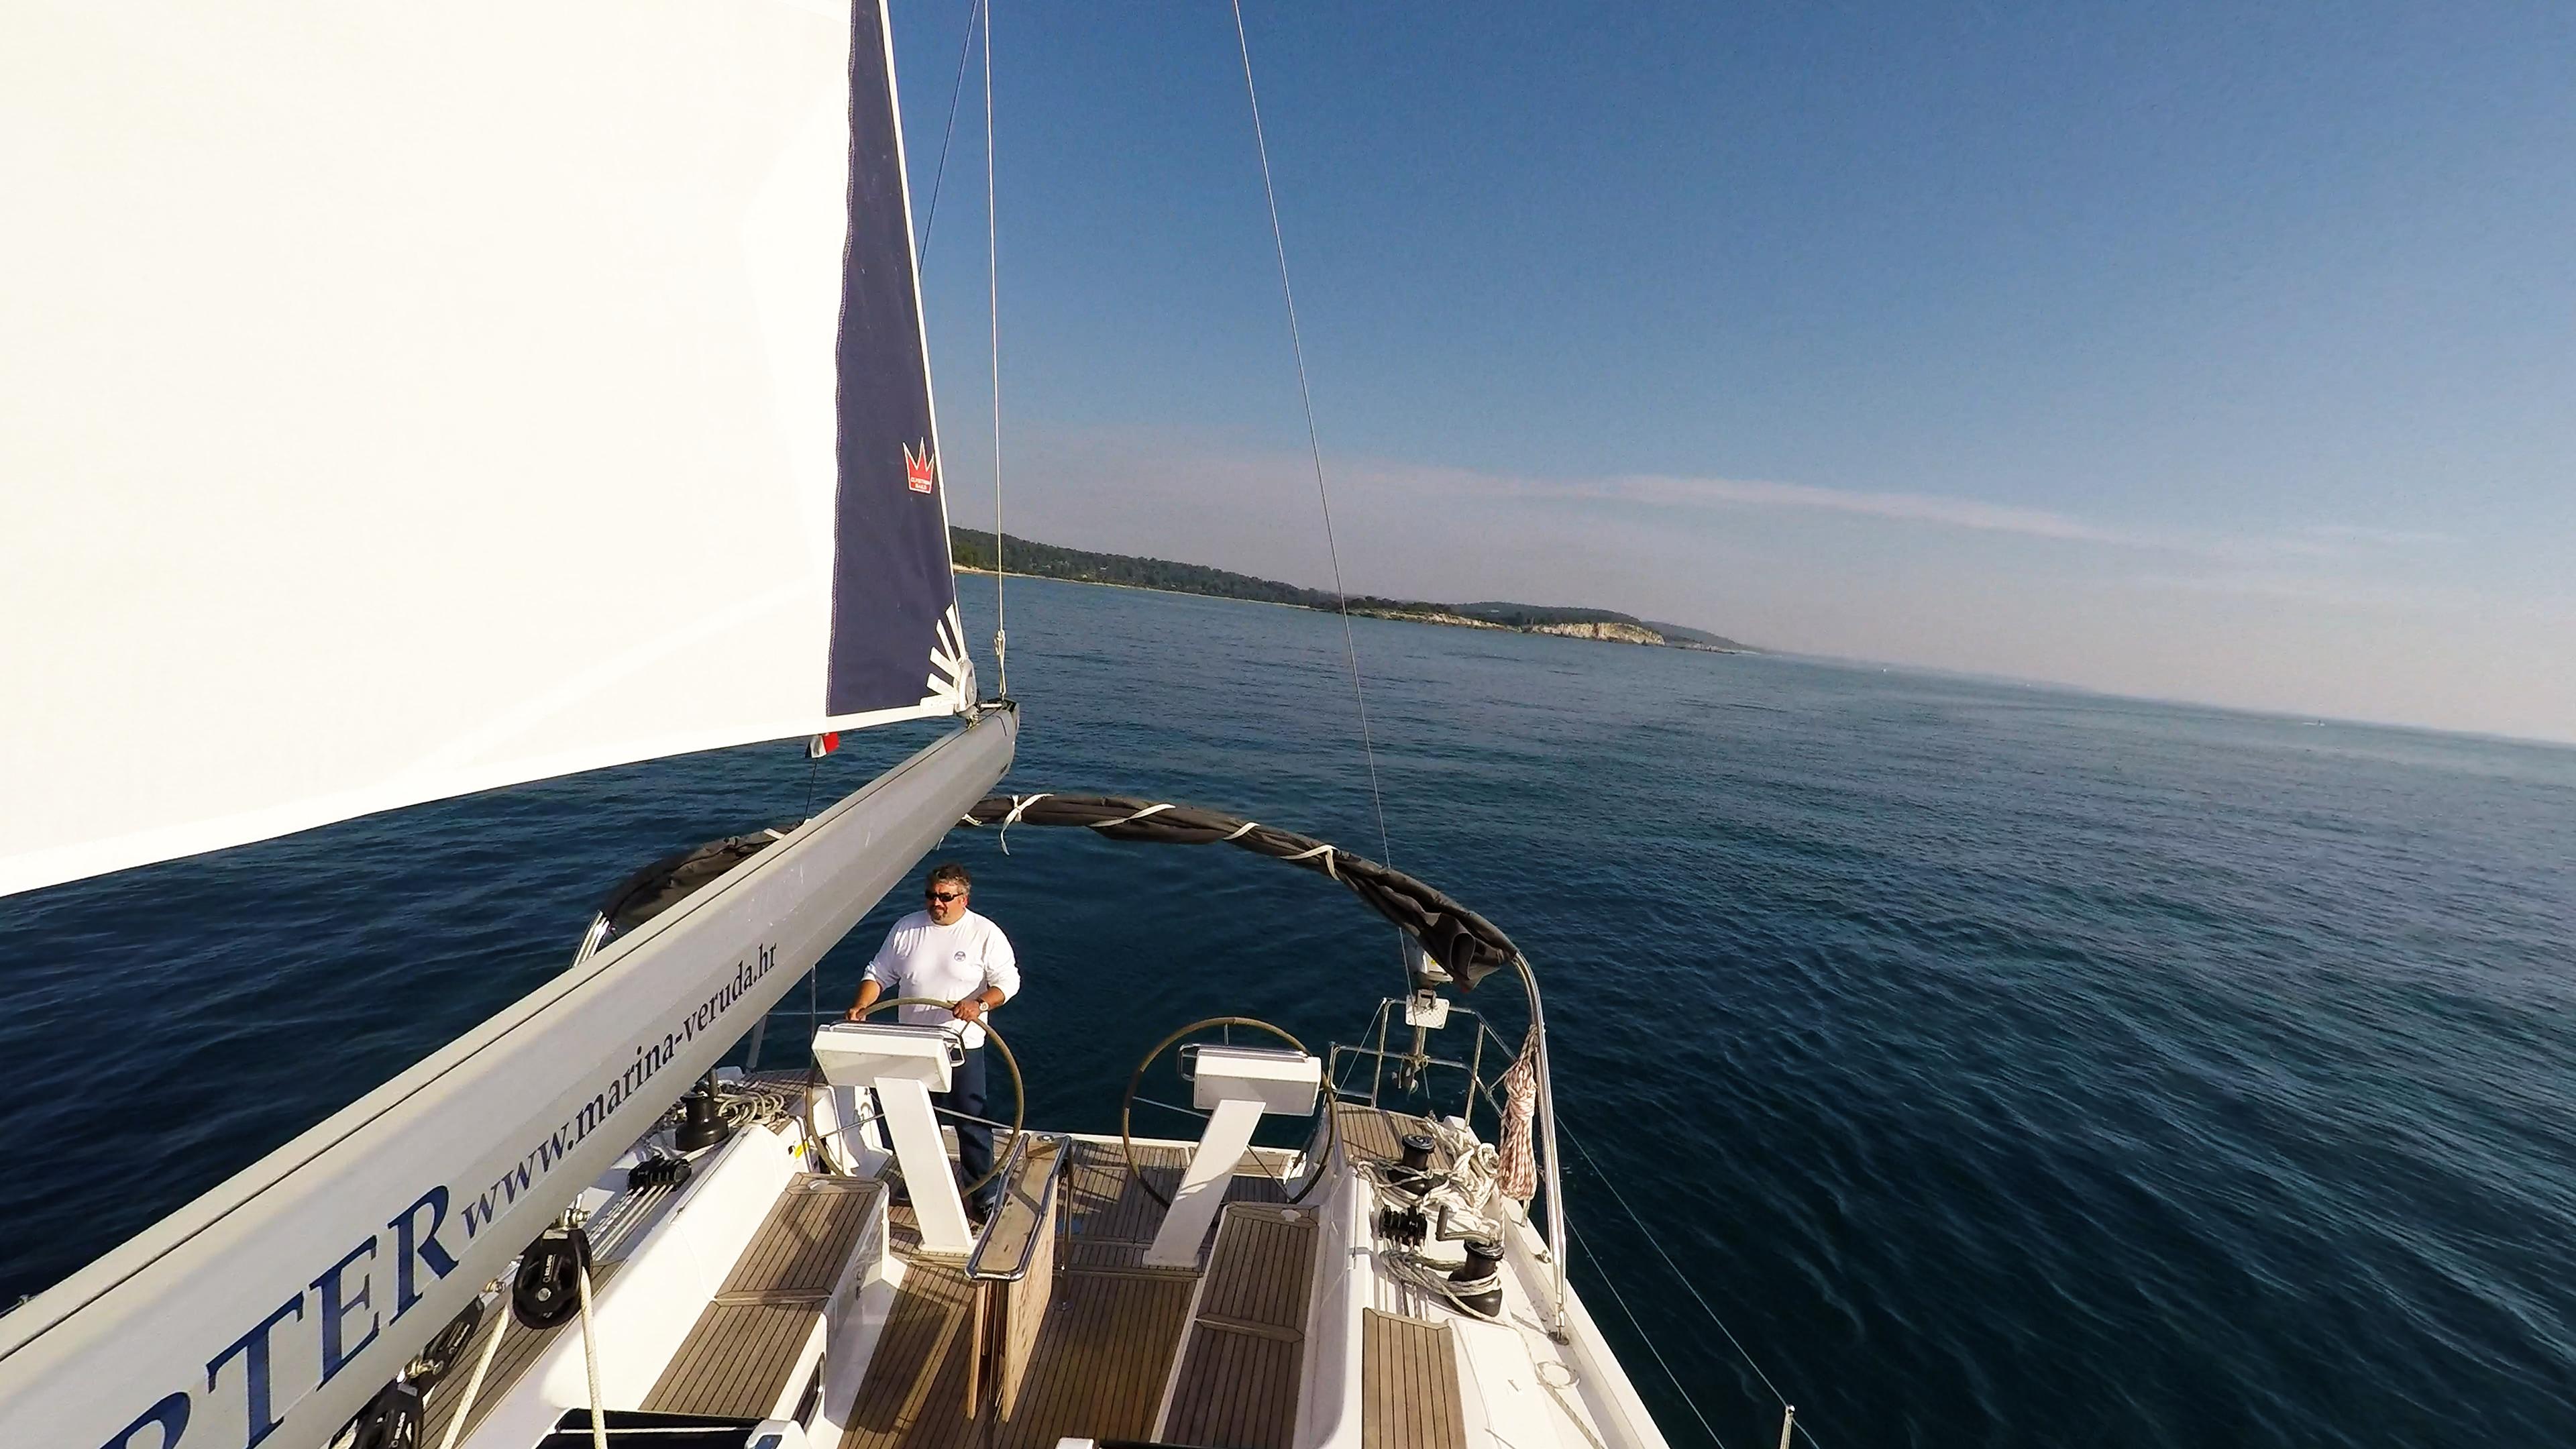 barcha a vela skipper doppio timone ruota boma vela yacht a vela pozzetto ponte barca a vela